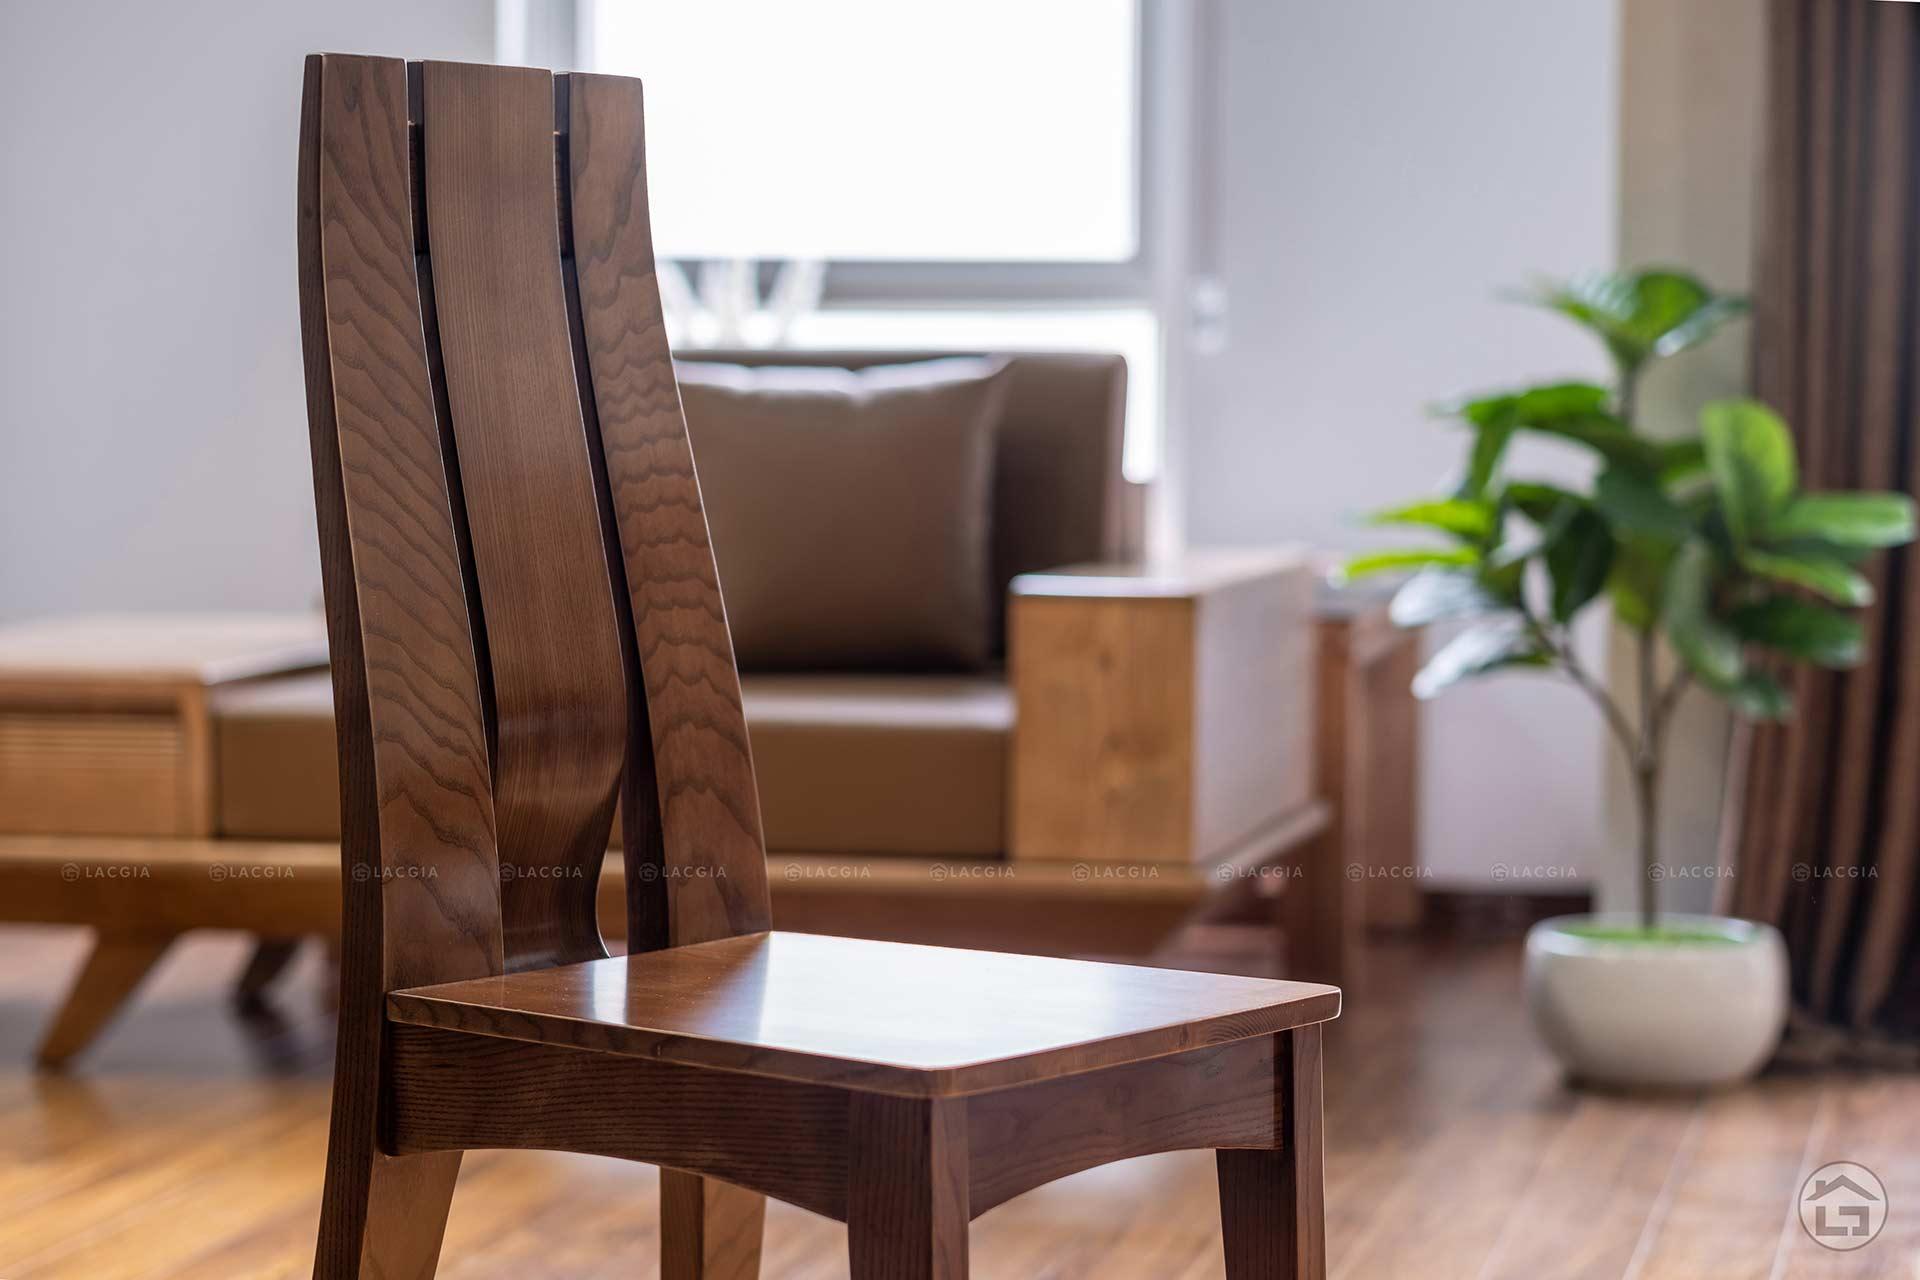 ban ghe an go hien dai ba08 4 - Bàn ghế ăn gỗ hiện đại BA08